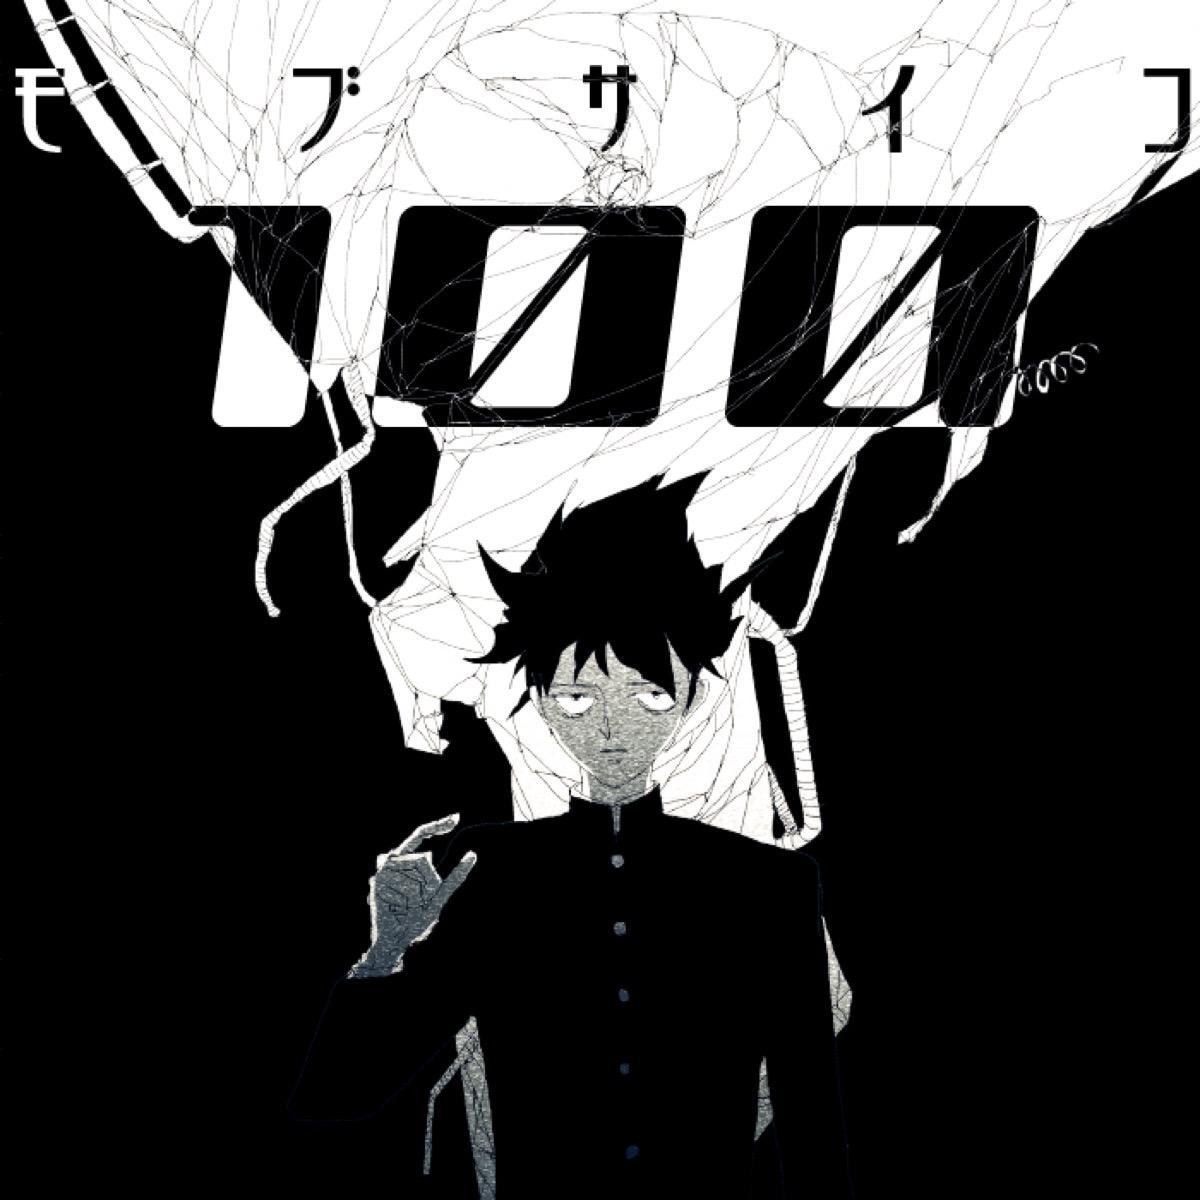 《灵能百分百》完全新作OVA动画 制作决定